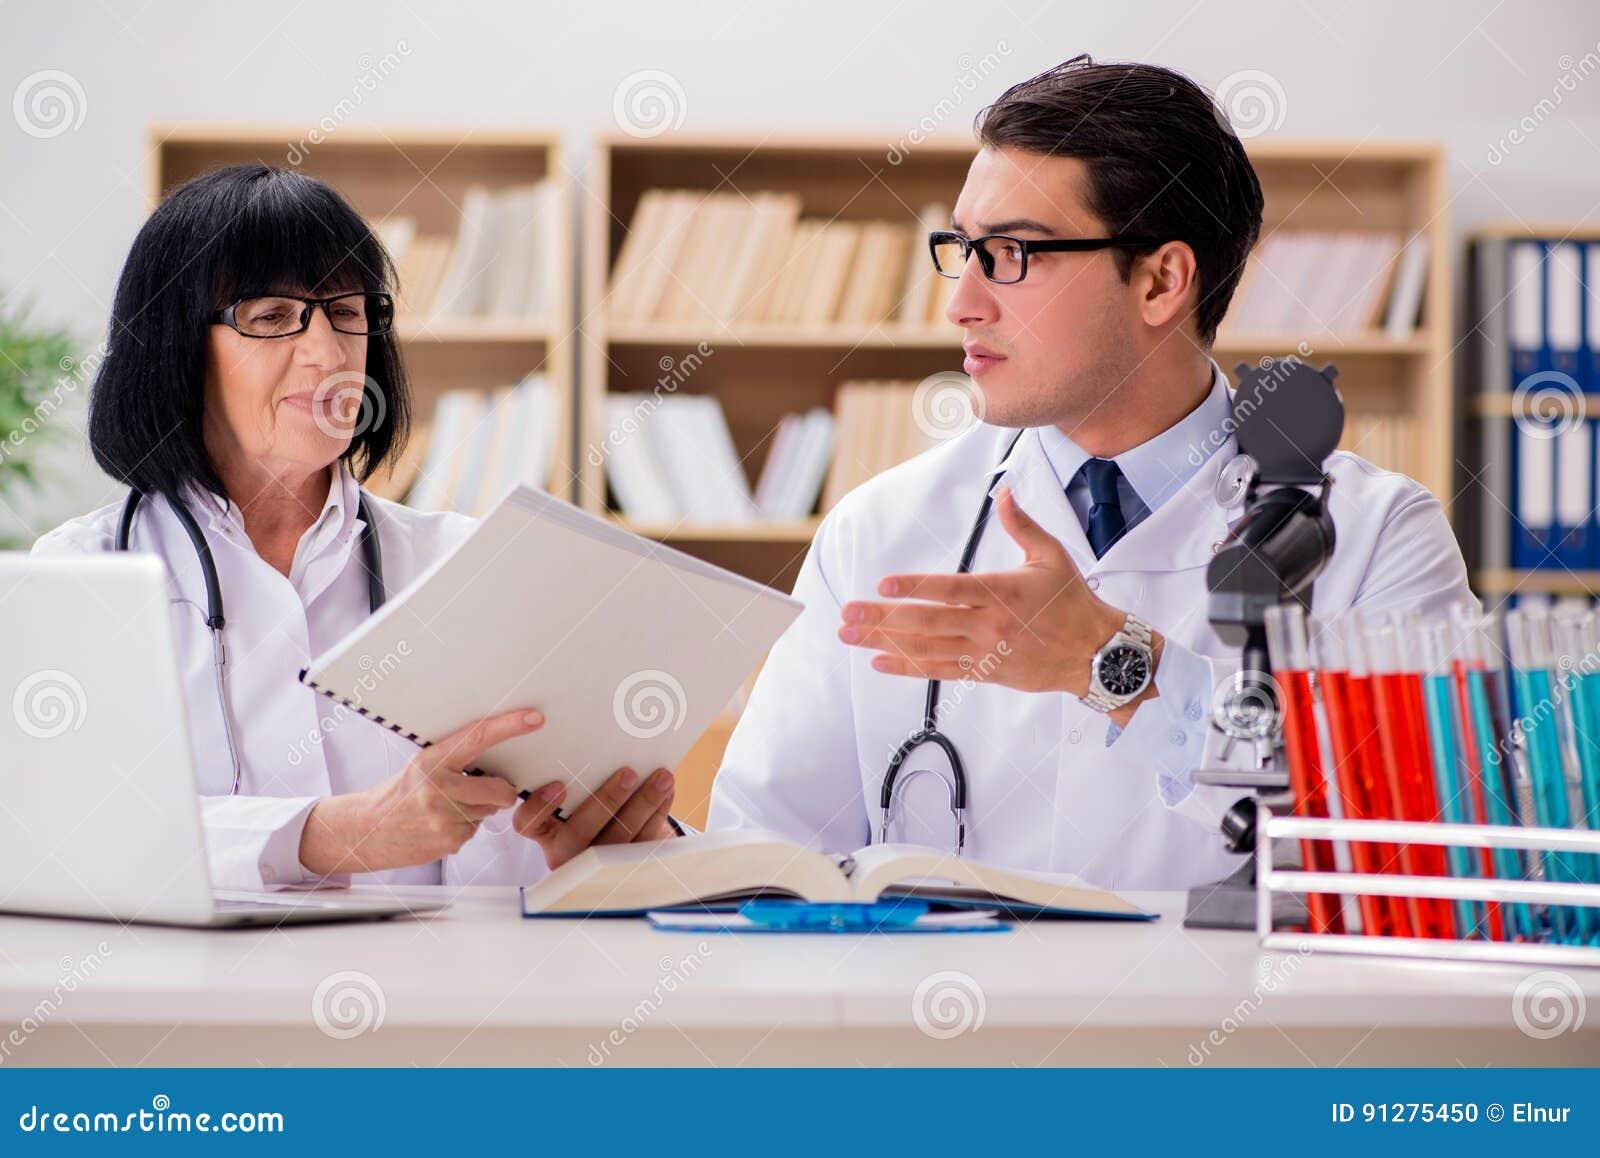 Los dos doctores que trabajan en el laboratorio